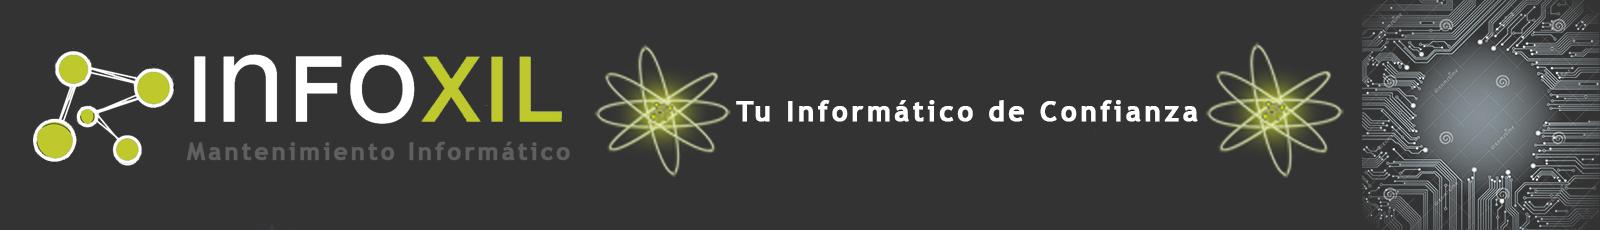 Infoxil